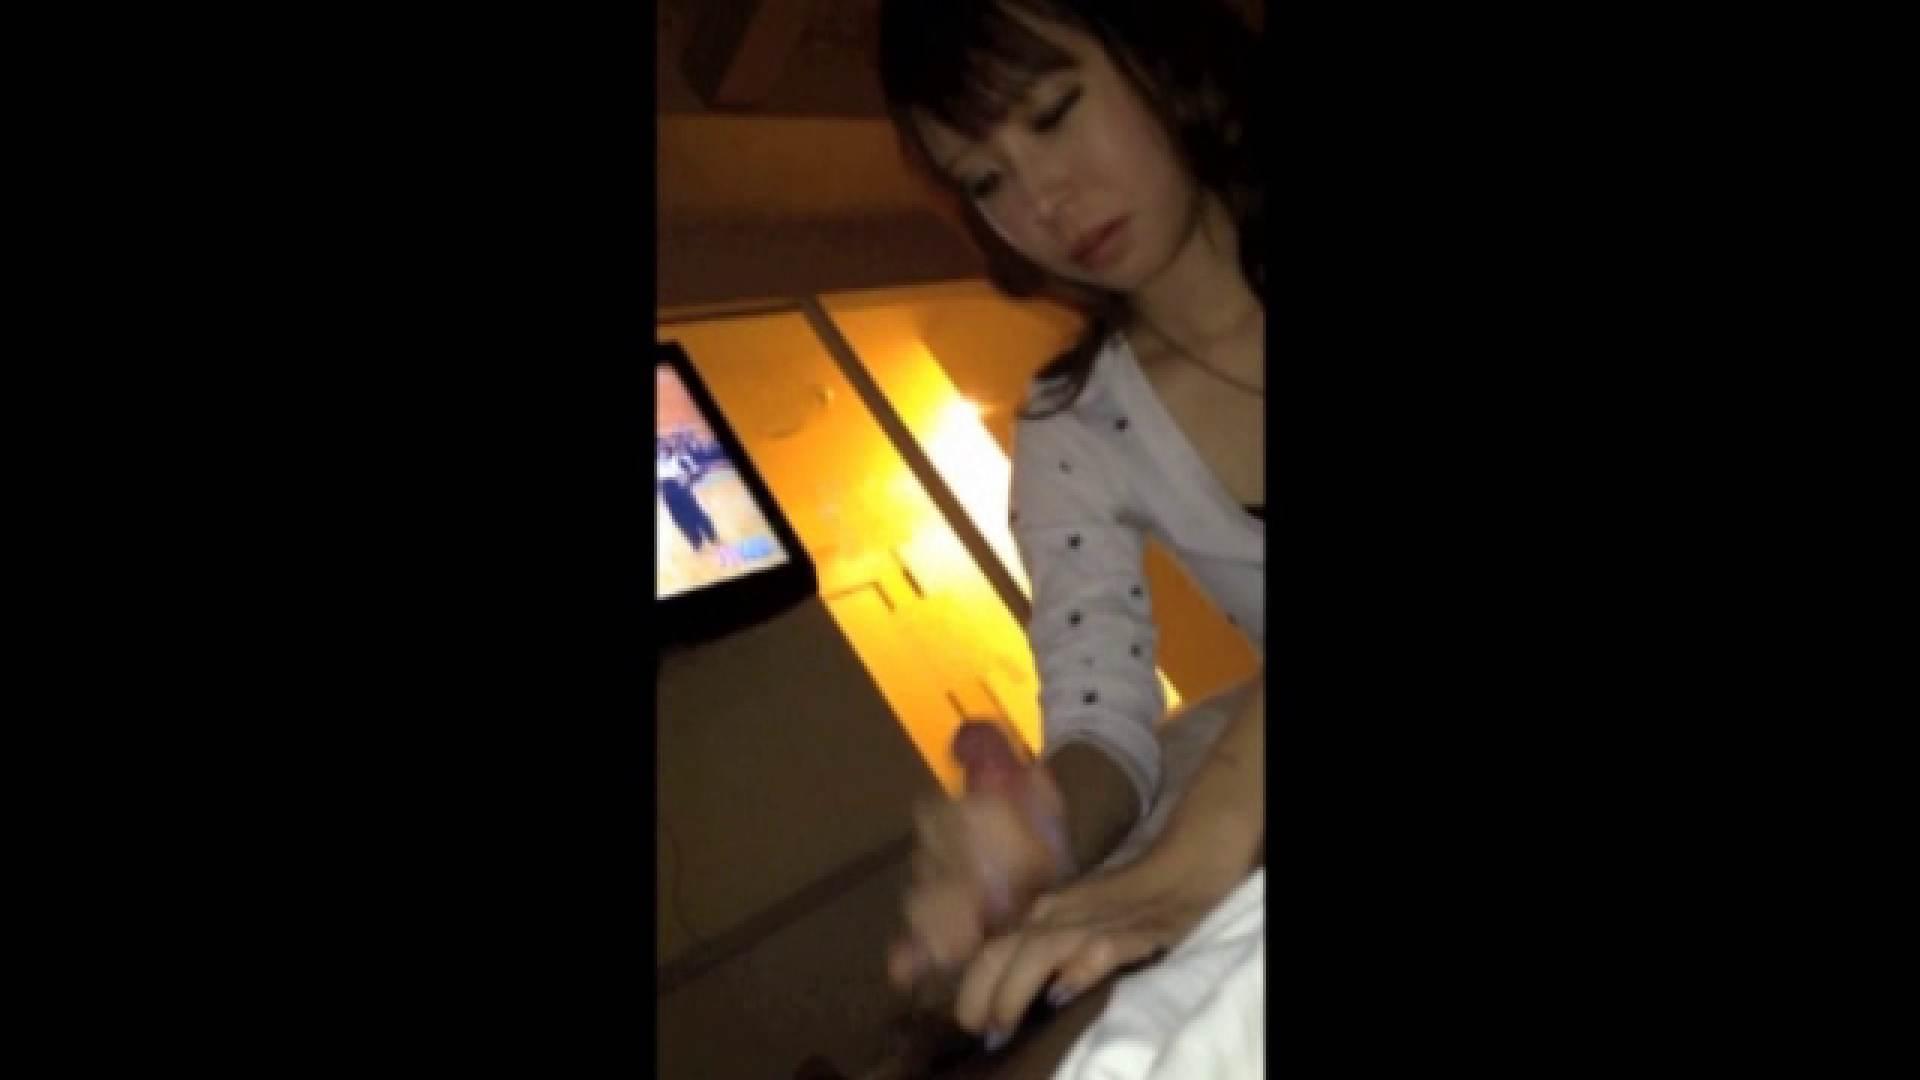 ドラゴン2世 チャラ男の個人撮影 Vol.18 超かわいい彼女 ゆいか 18才 Part.09 未公開4作品 セックスエロ動画 | 素人見放題  105PIX 1